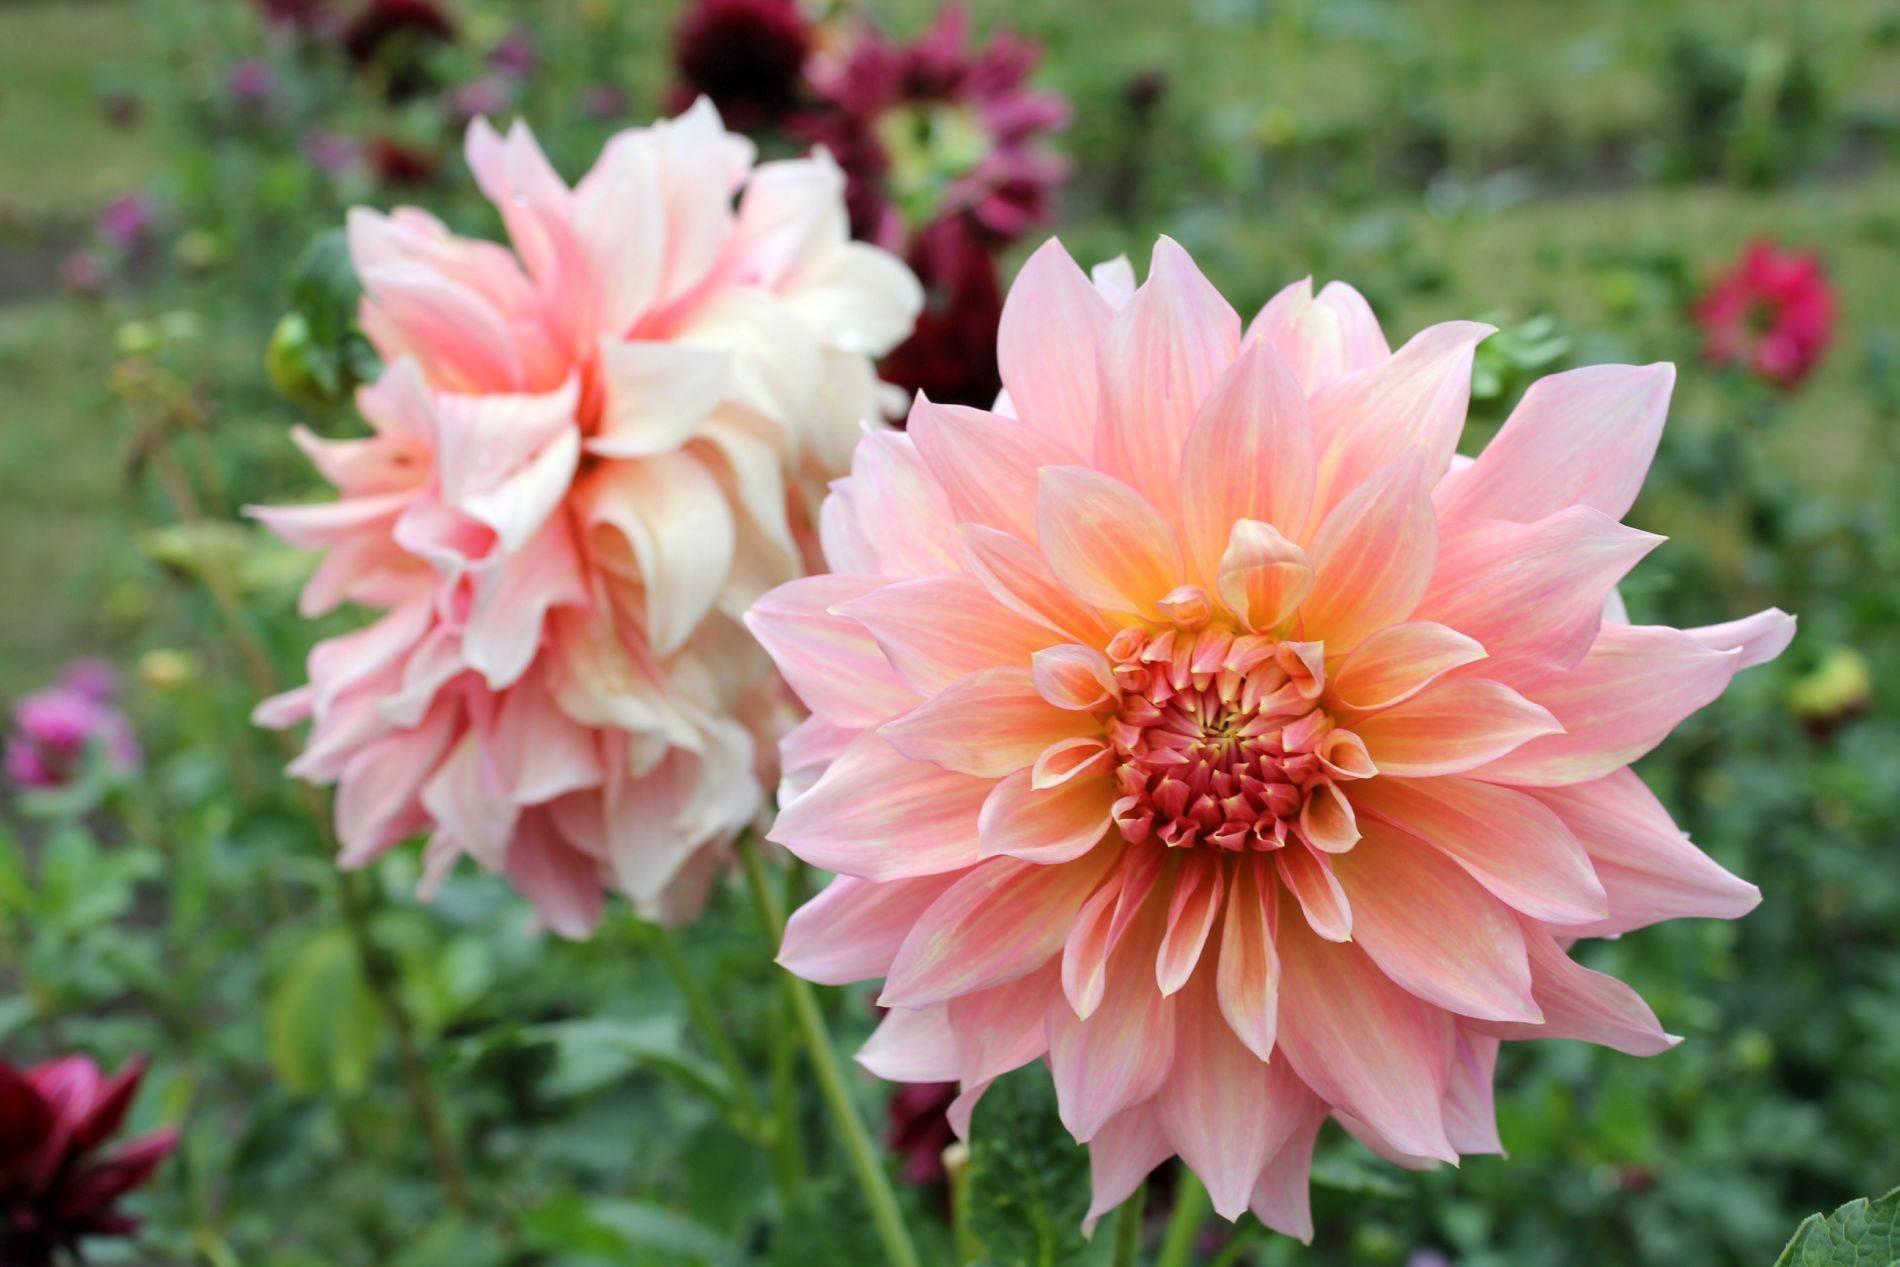 Чем подкормить георгины для обильного цветения: секреты, виды удобрений, как вносить